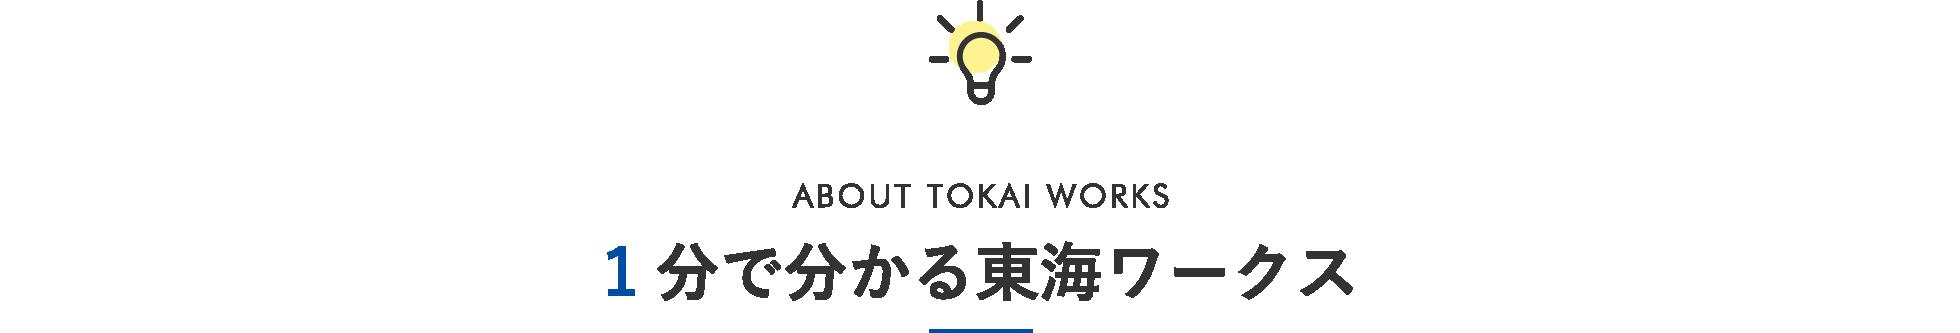 1分で分かる東海ワークス ABOUT TOKAI WORKS